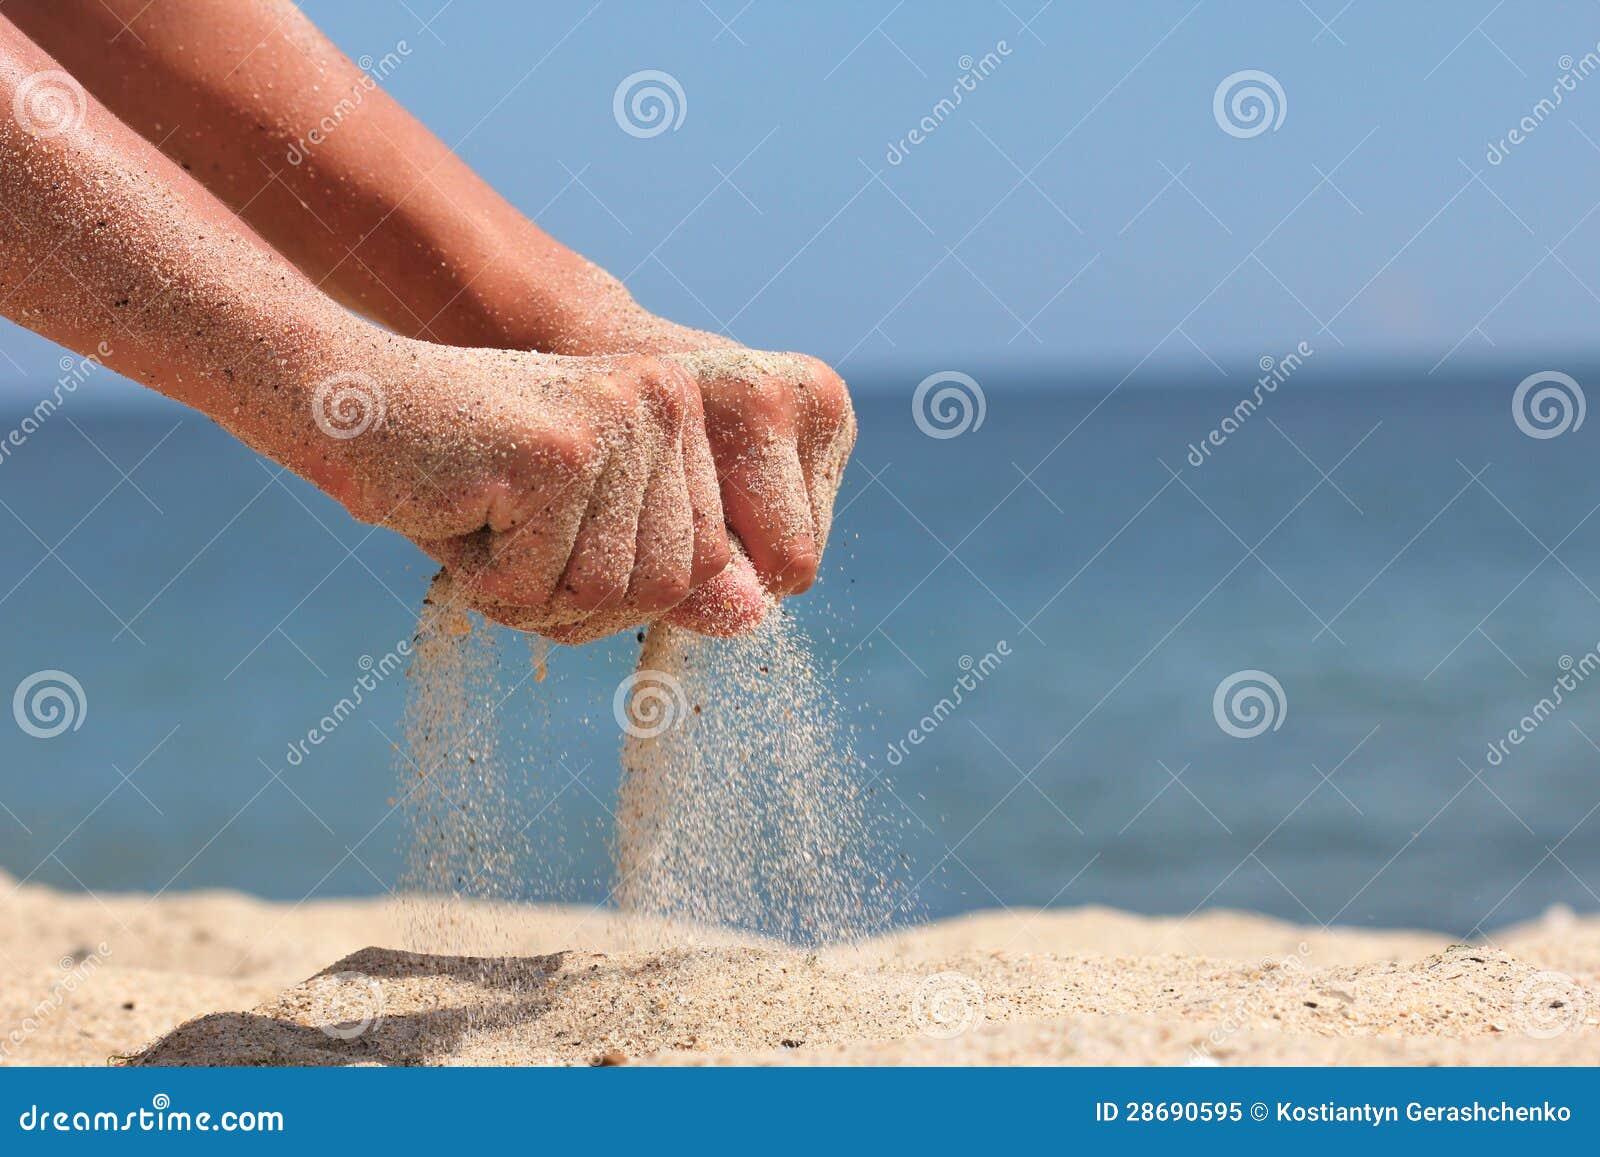 Рука бросает песок